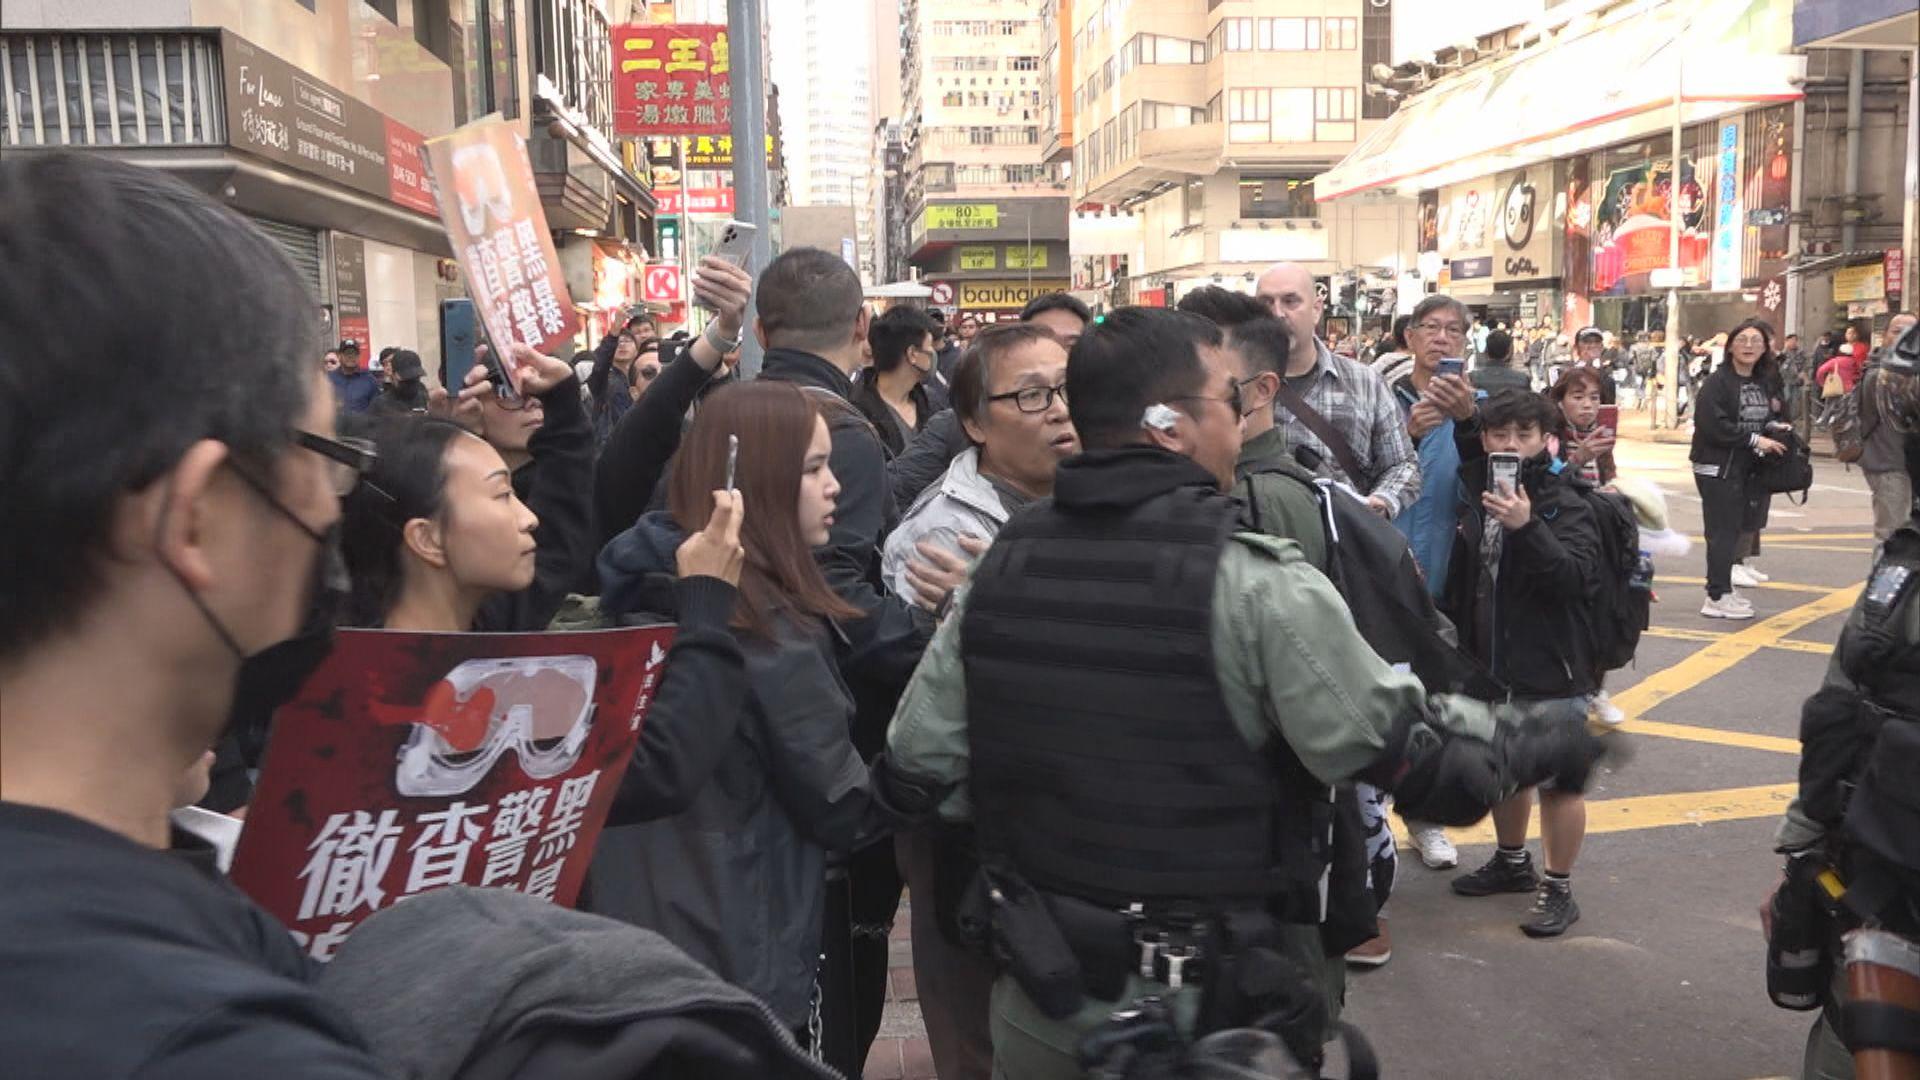 林鄭稱當前首要遏止暴力 廿三條立法要審時度勢